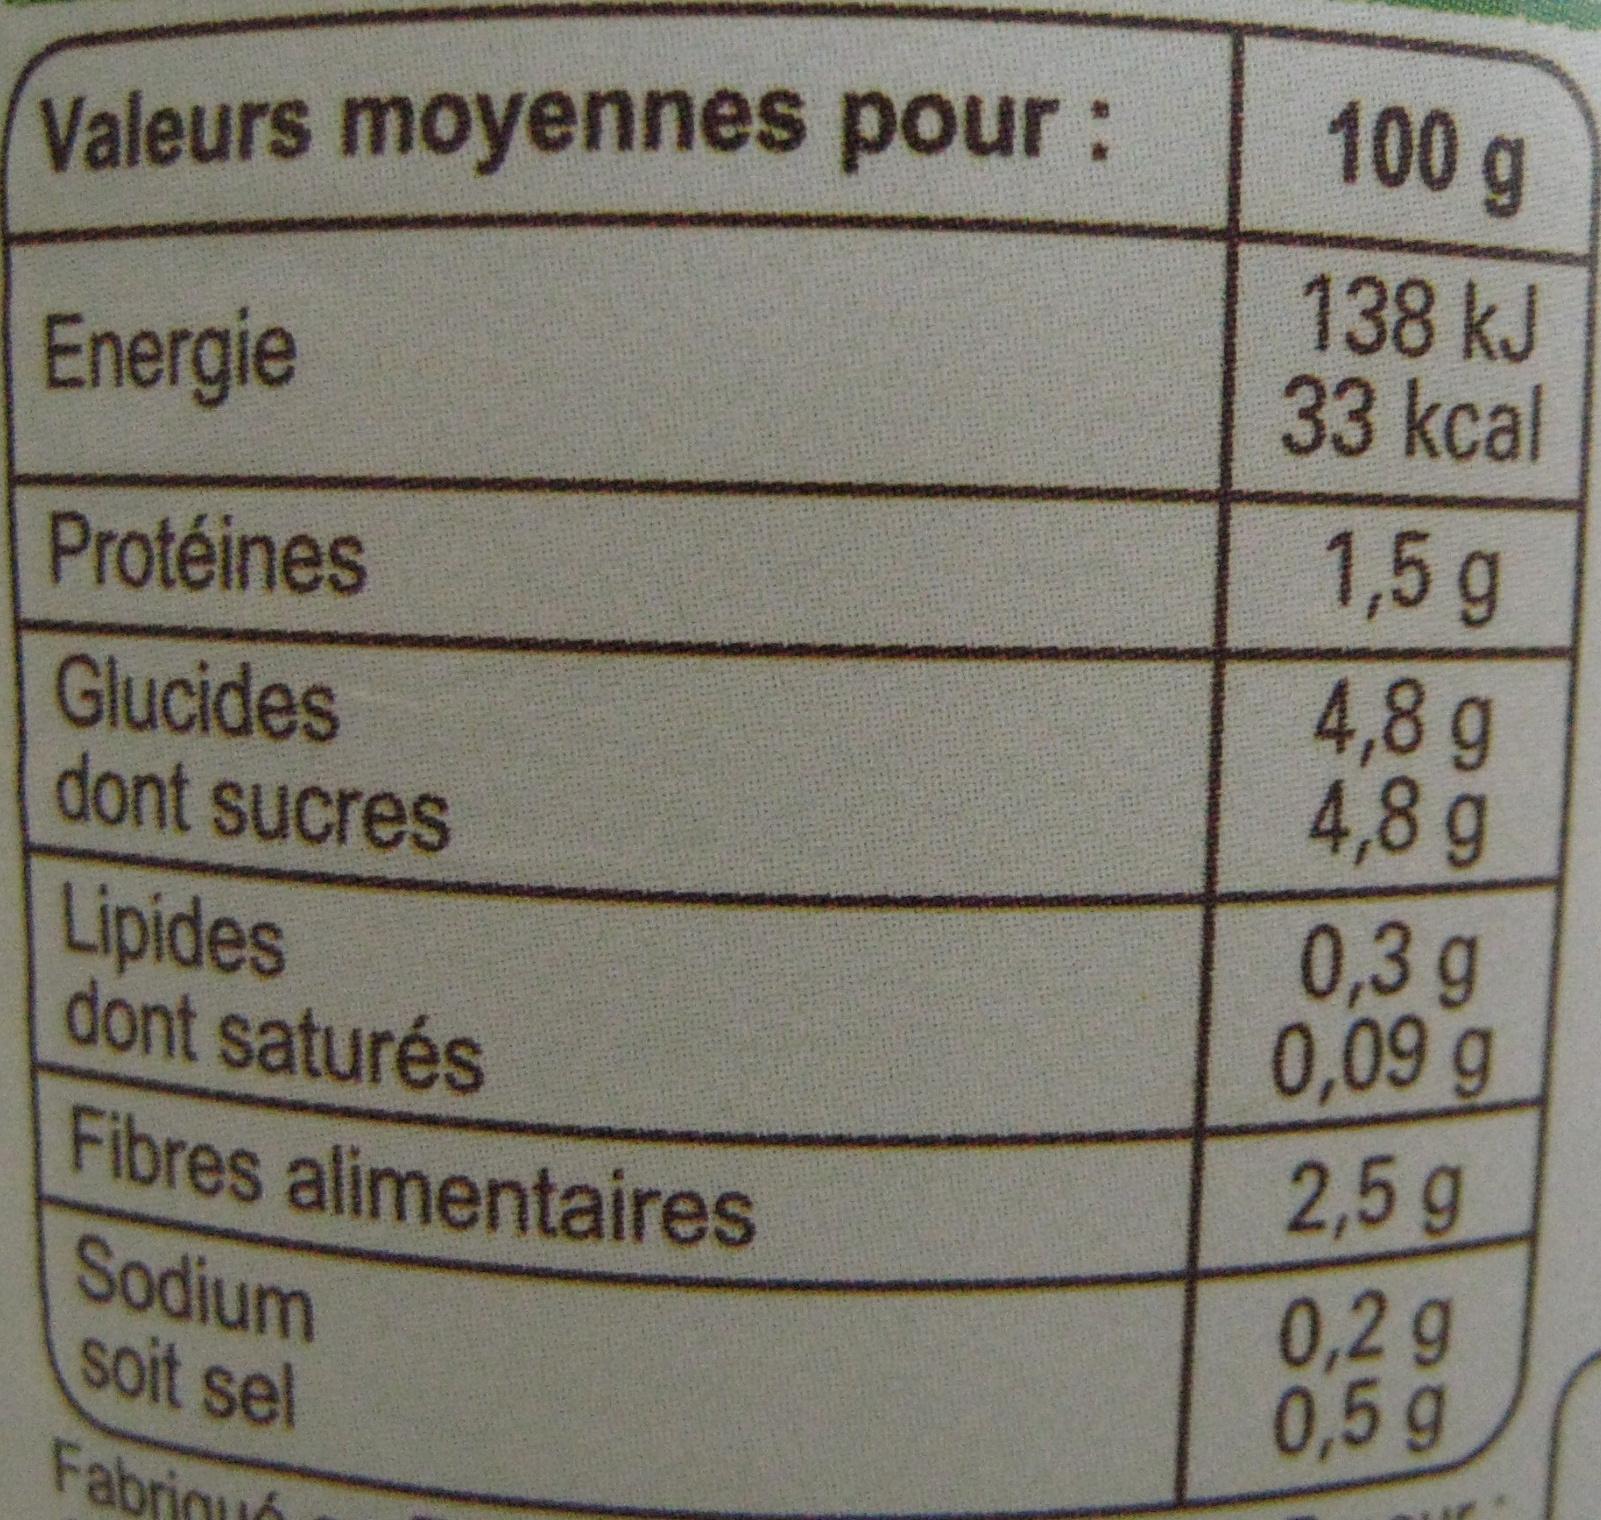 Pulpe de tomates Fraîches - Información nutricional - fr